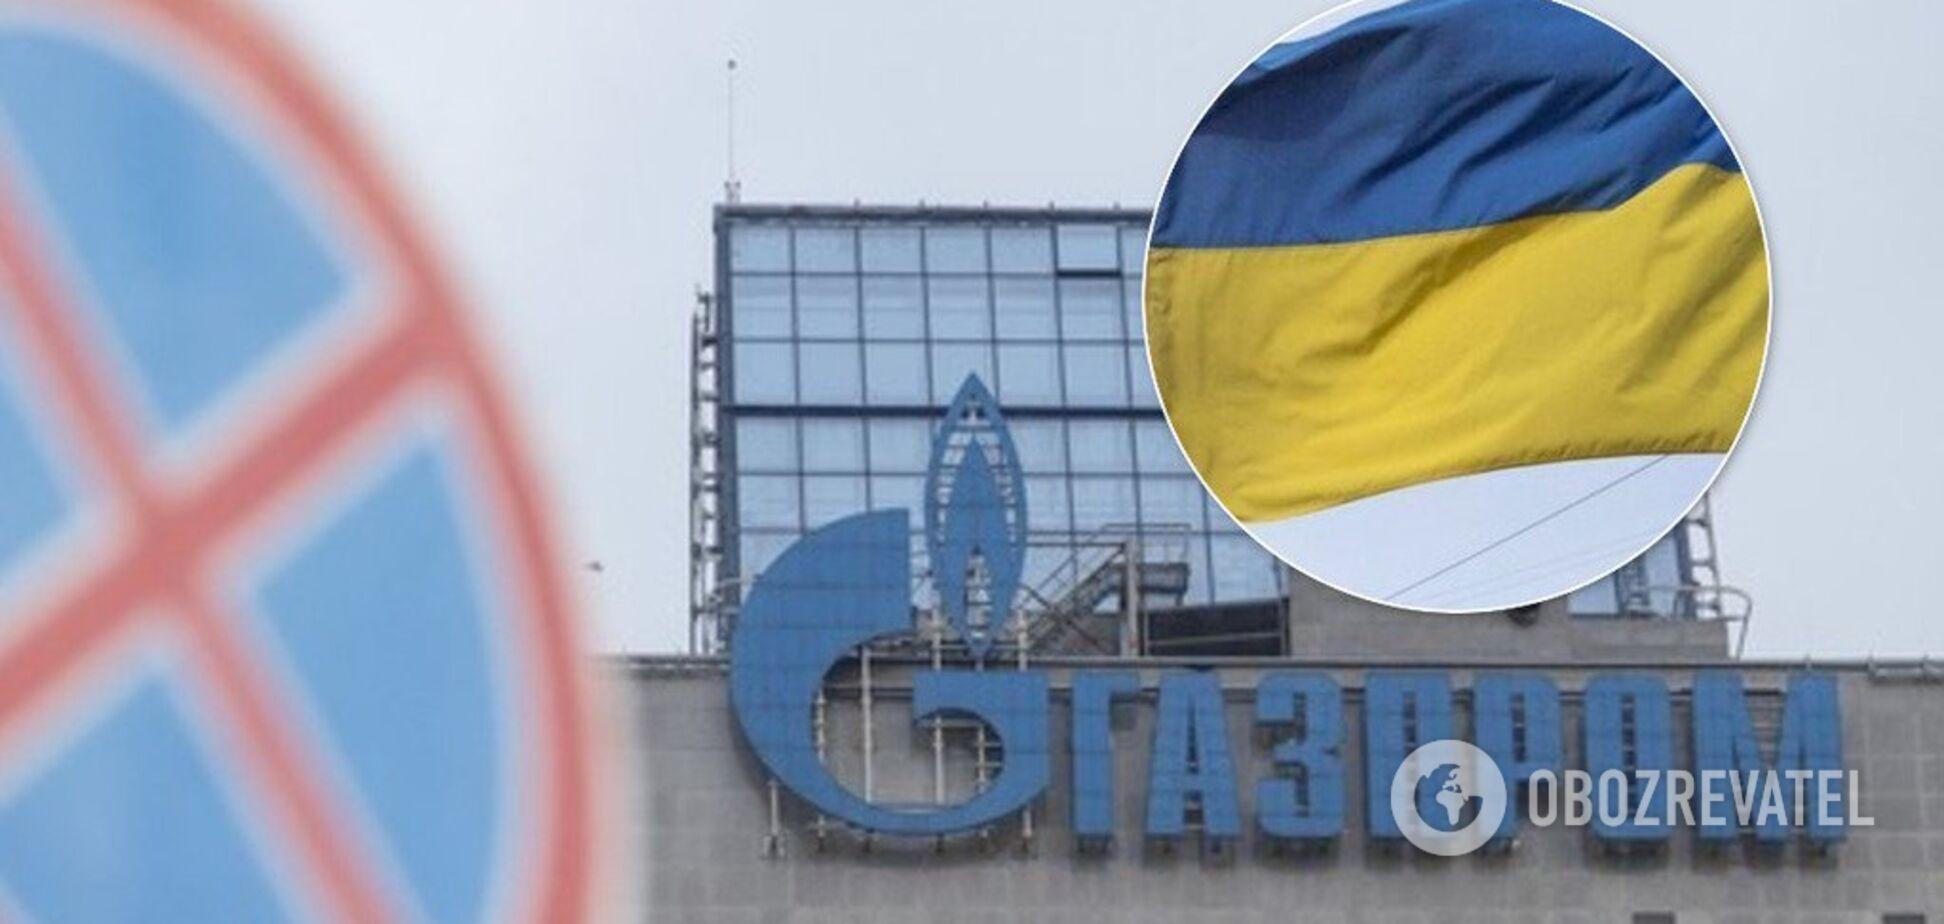 В 'Нафтогазе' объяснили, почему не удалось повысить тариф на транзит для 'Газпрома'